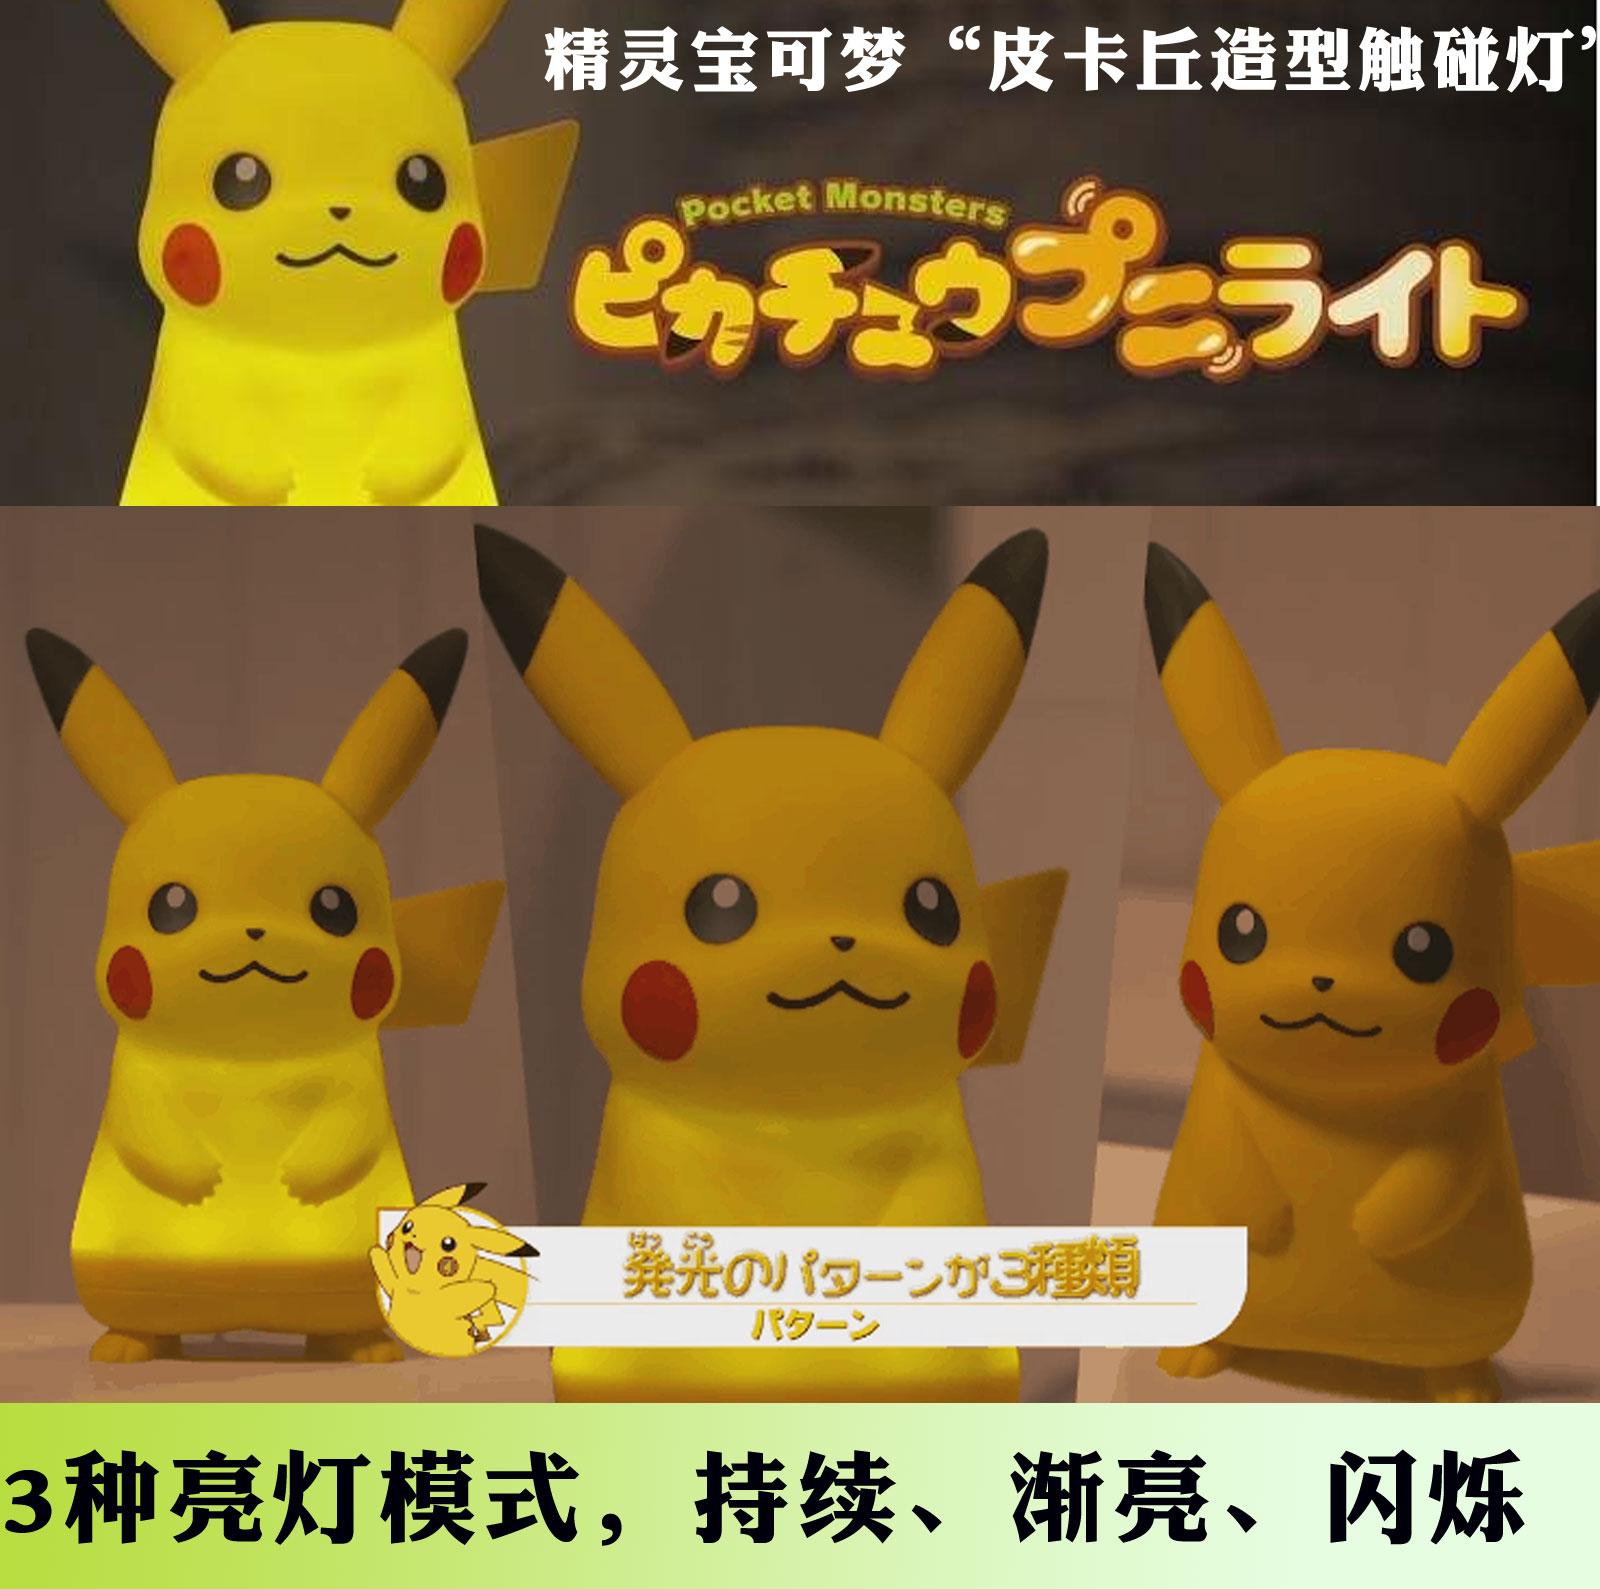 代购 皮卡丘小夜灯触碰智能声控跳舞台灯卡通创意摆件 pokemon 现货